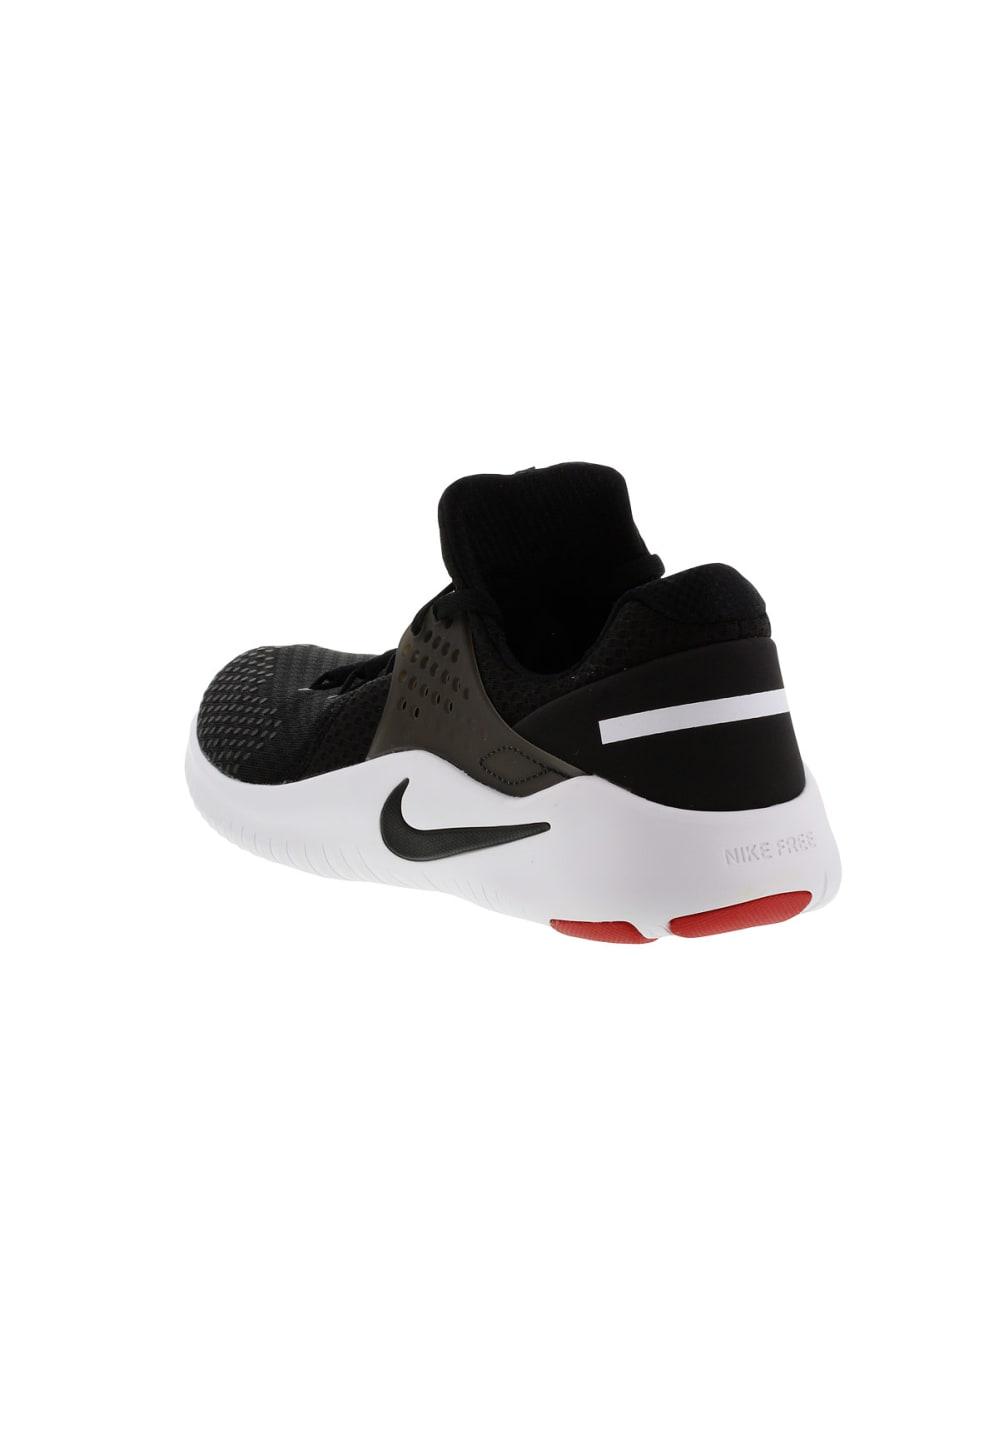 outlet store 16887 331f0 Next. -50%. Ce produit est actuellement épuisé. Nike. Free Tr V8 -  Chaussures fitness pour Homme